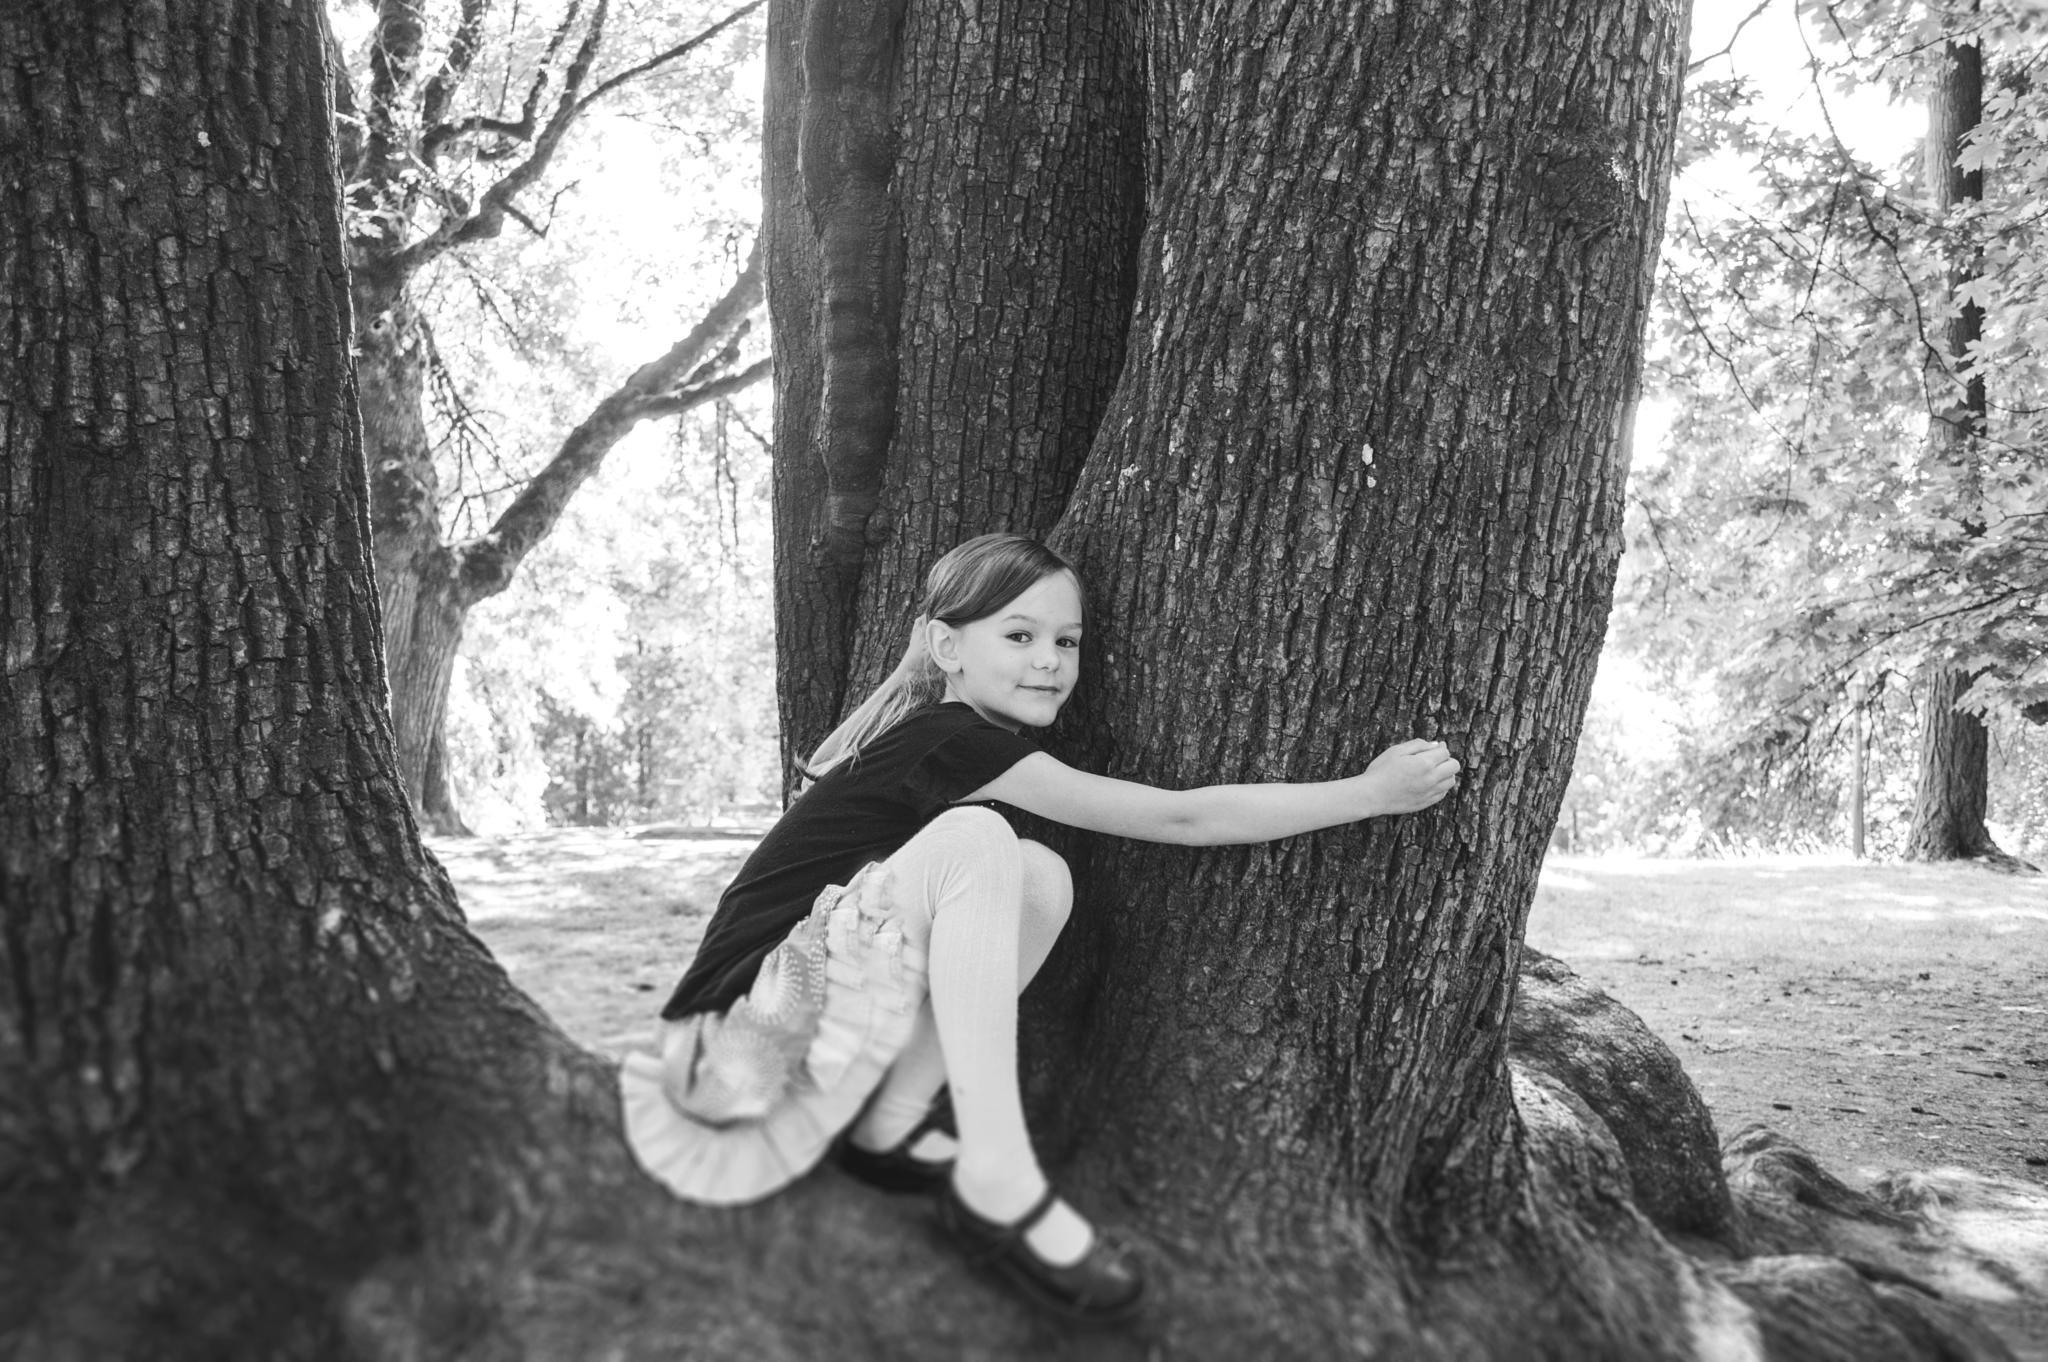 ..her favorite tree by Keliflower